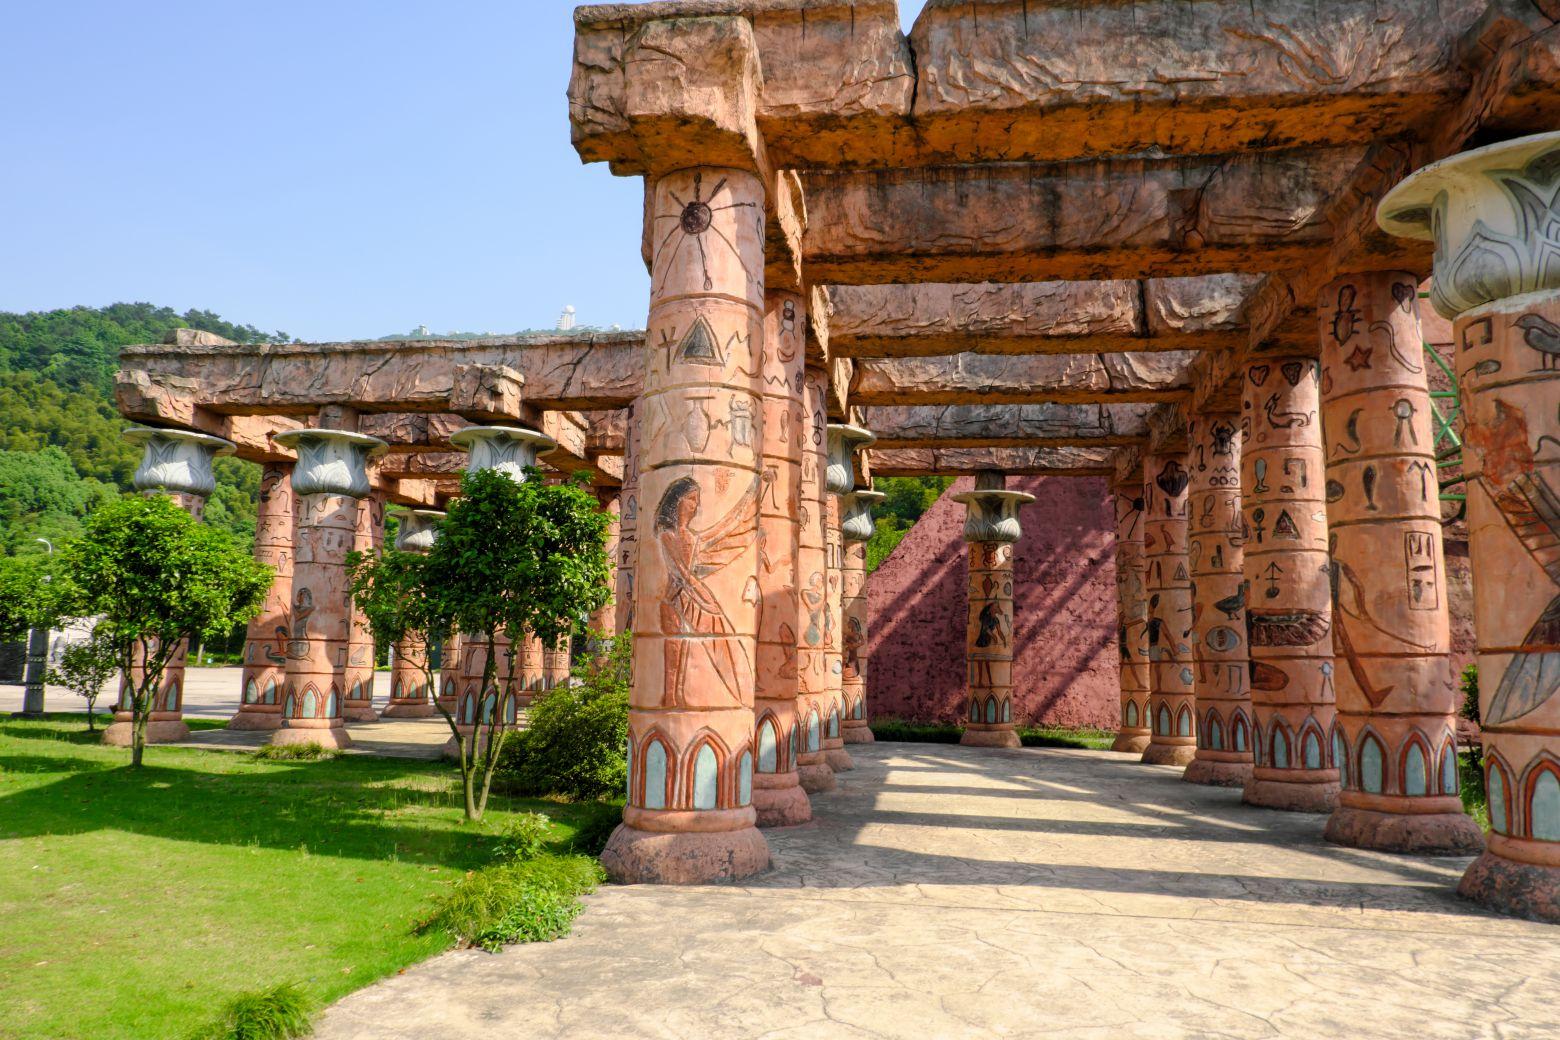 埃及文艺元素走廊背景 - 免费照片